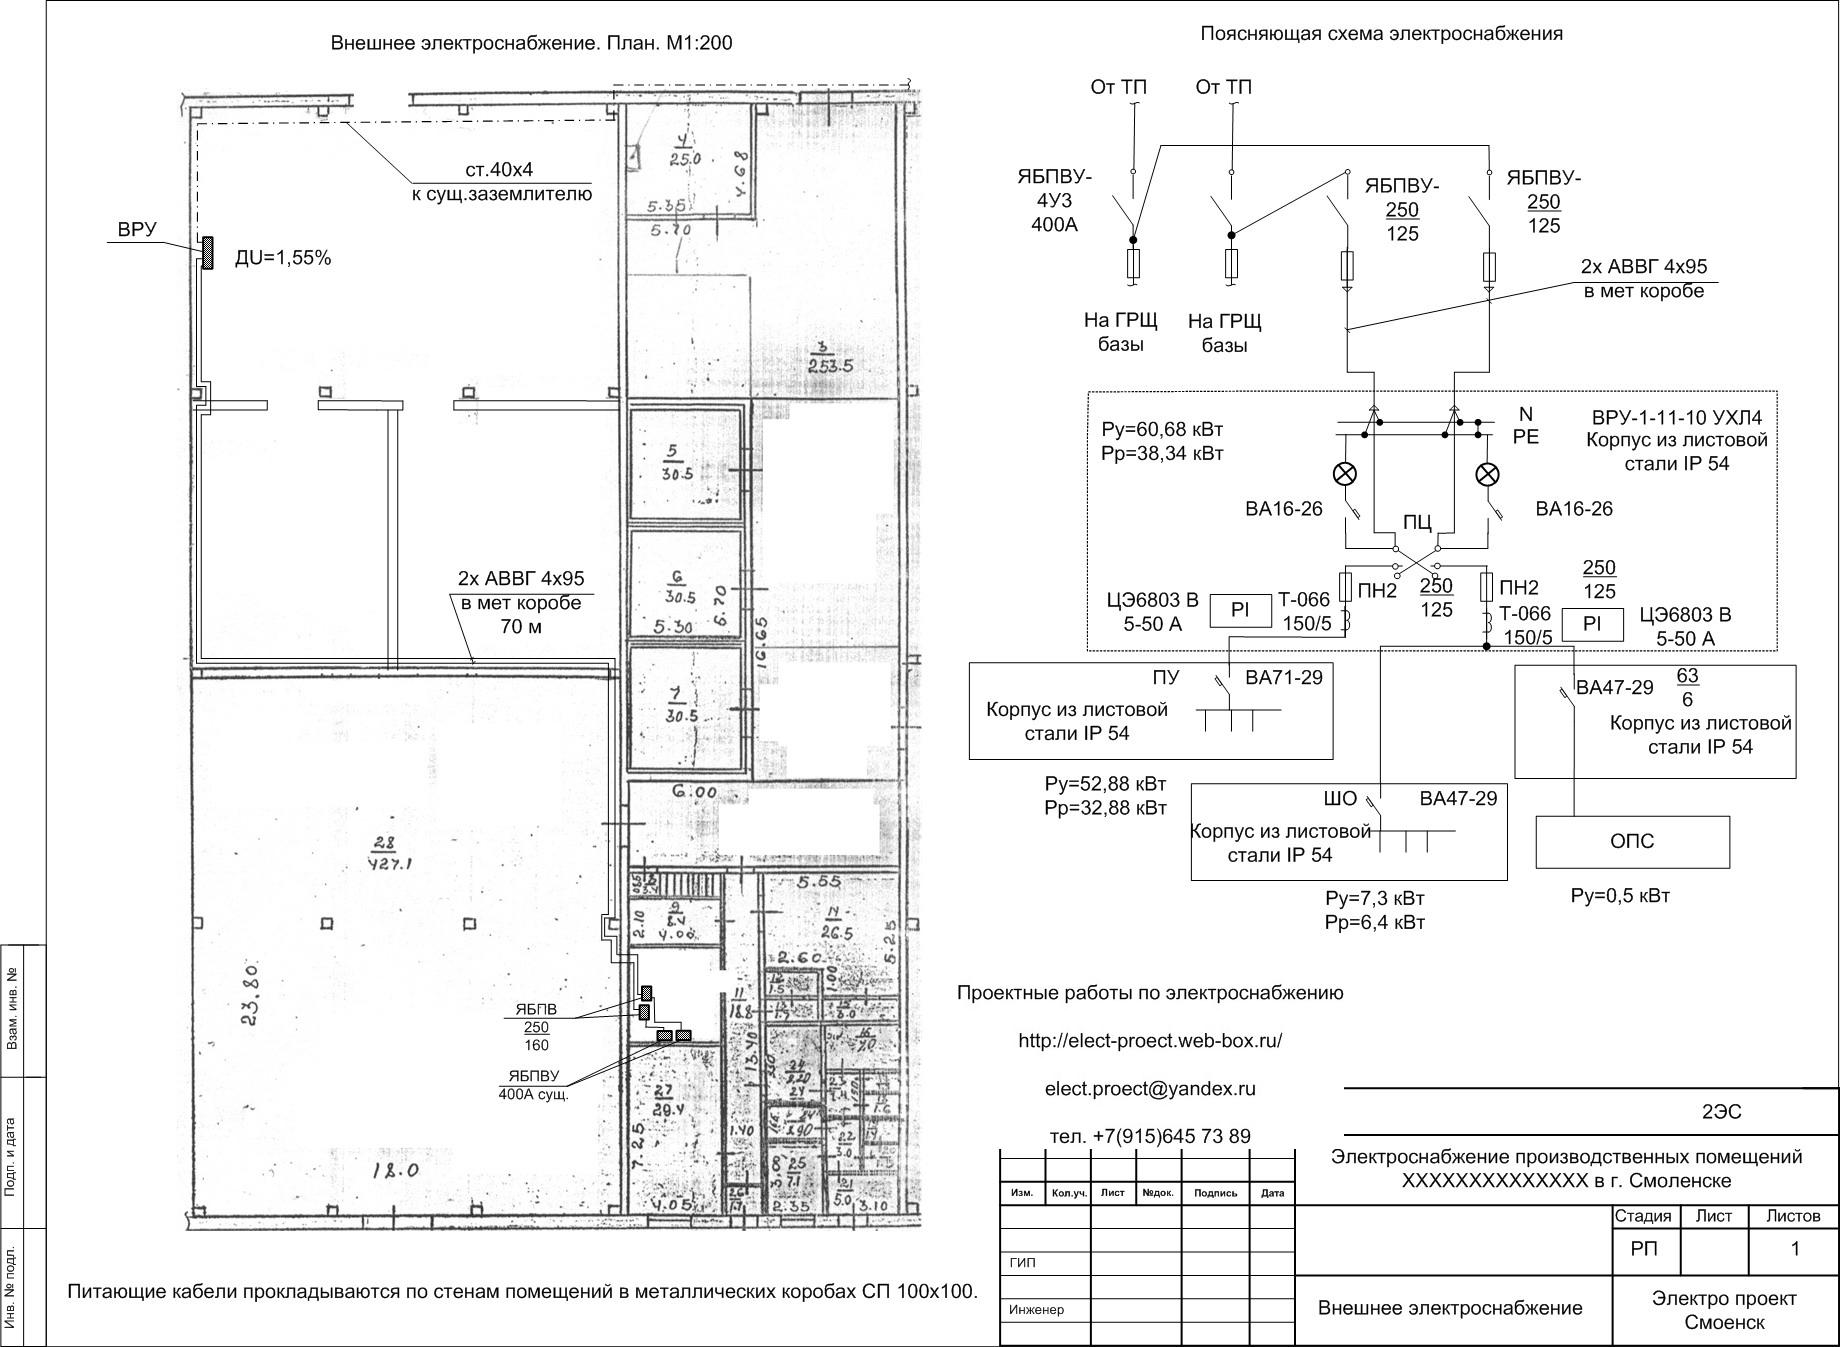 Ополева схемы и подстанции электроснабжения pdf